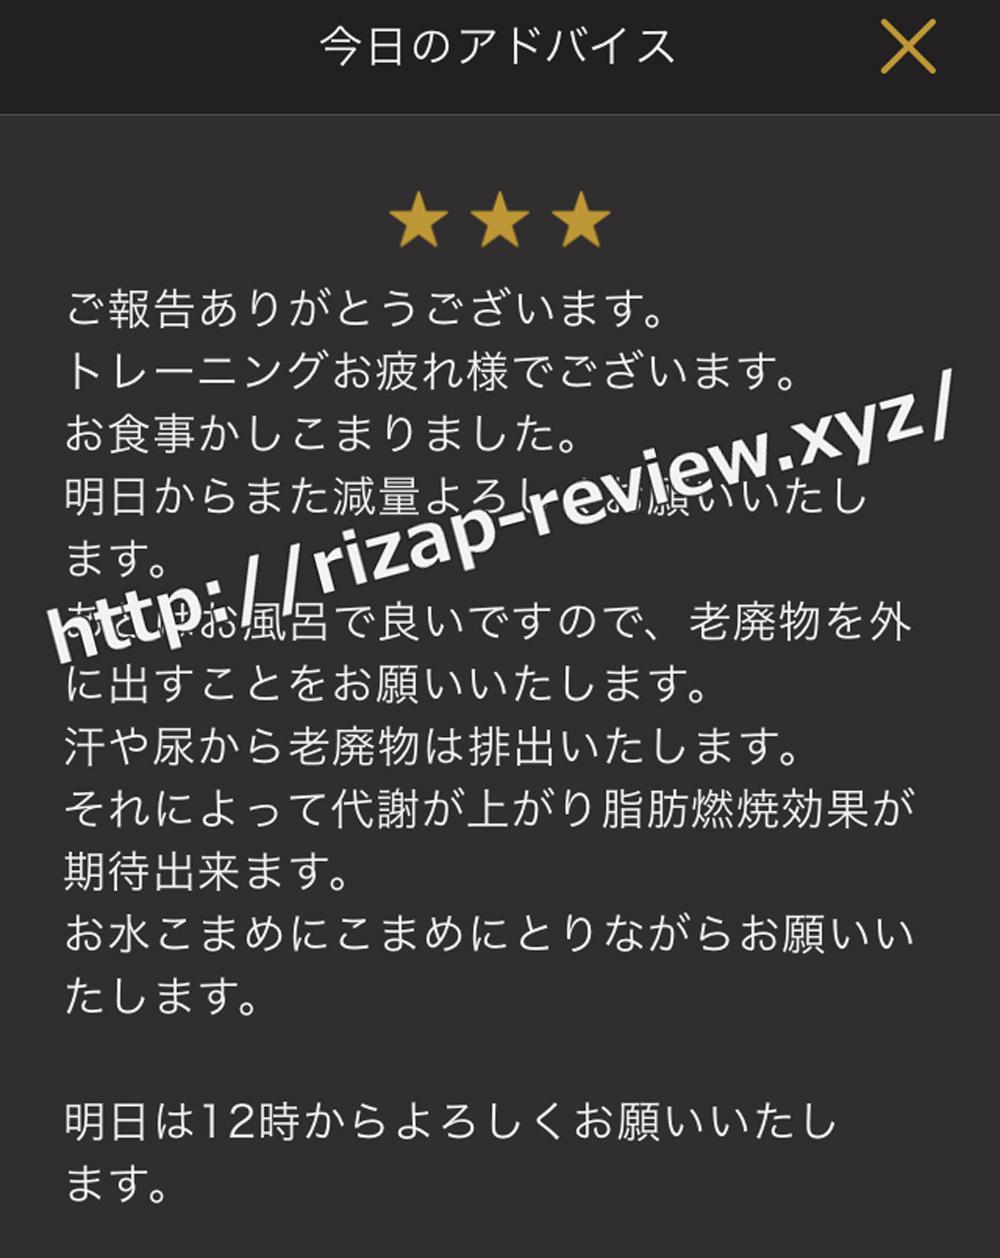 2018.1.31(木)ライザップ担当トレーナーからの総評・コメント